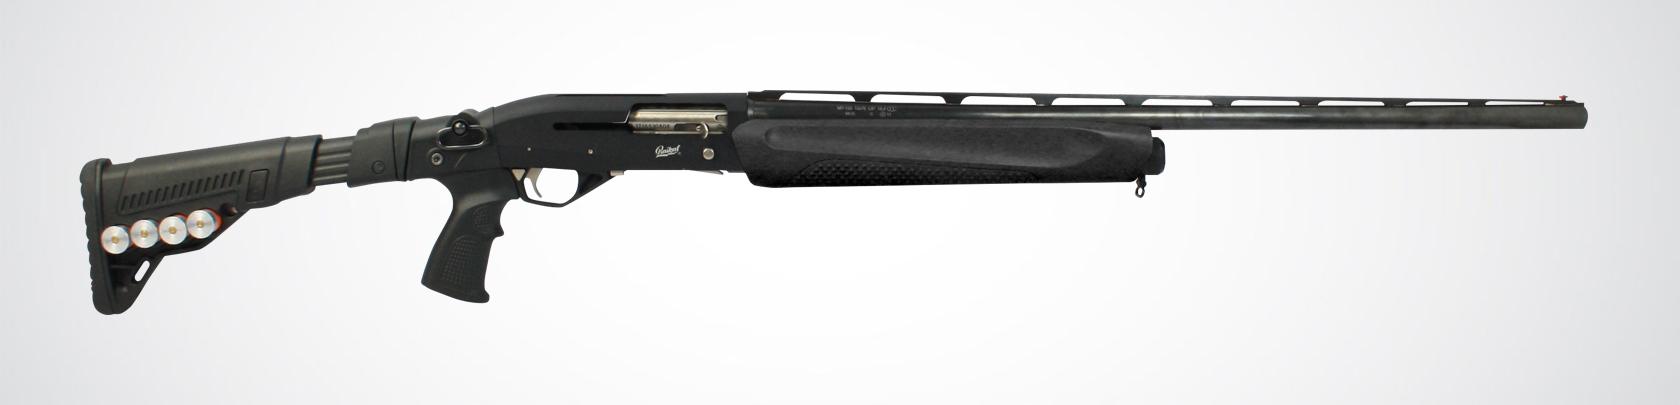 Новый тюнинг из Турции для МР-155 и МР-153